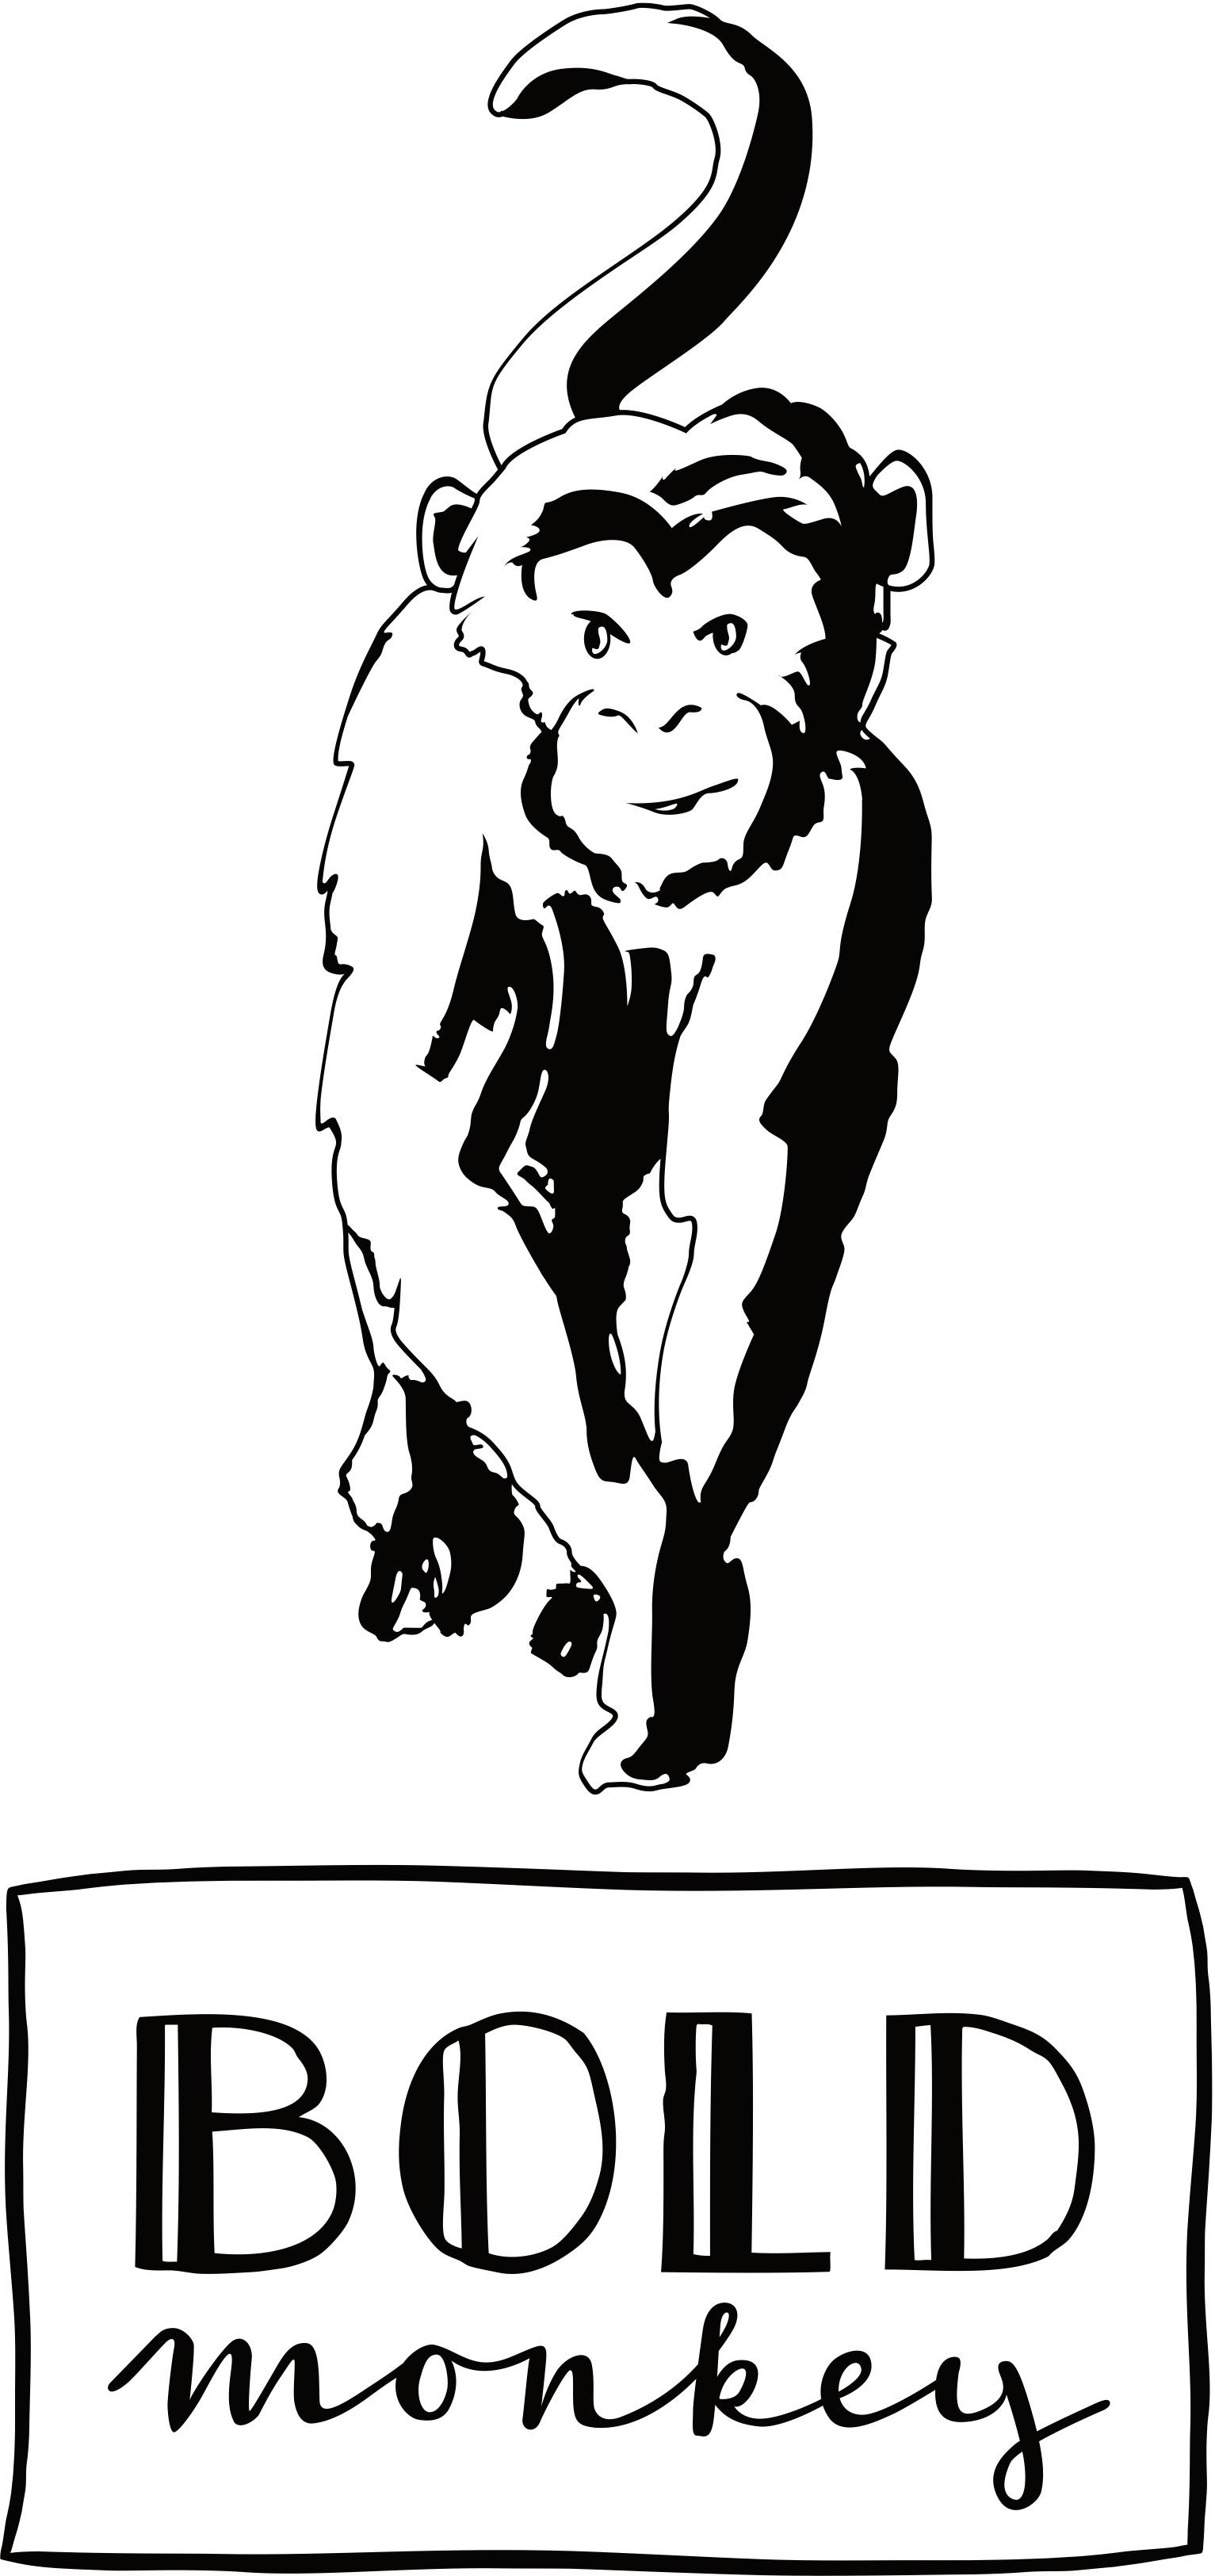 Bold Monkey i am not a macaron stoel velvet roze gouden poten vooraanzicht